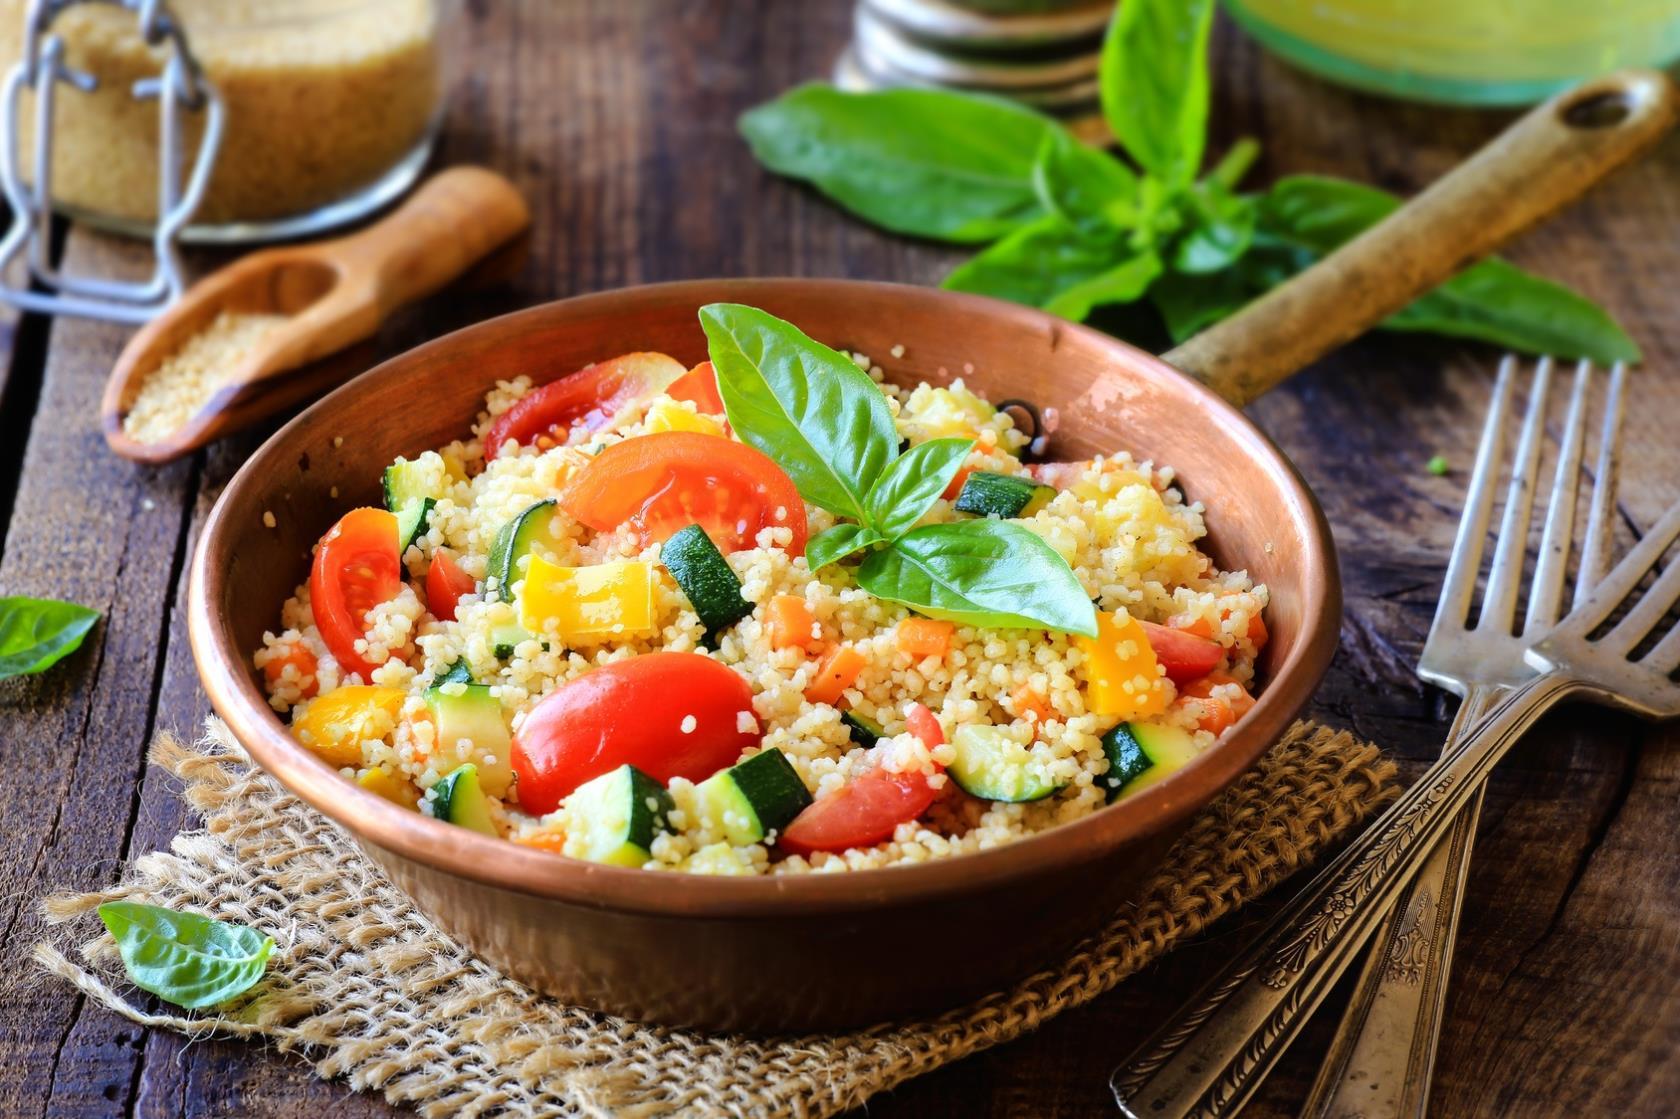 ristorante menu vegetariano